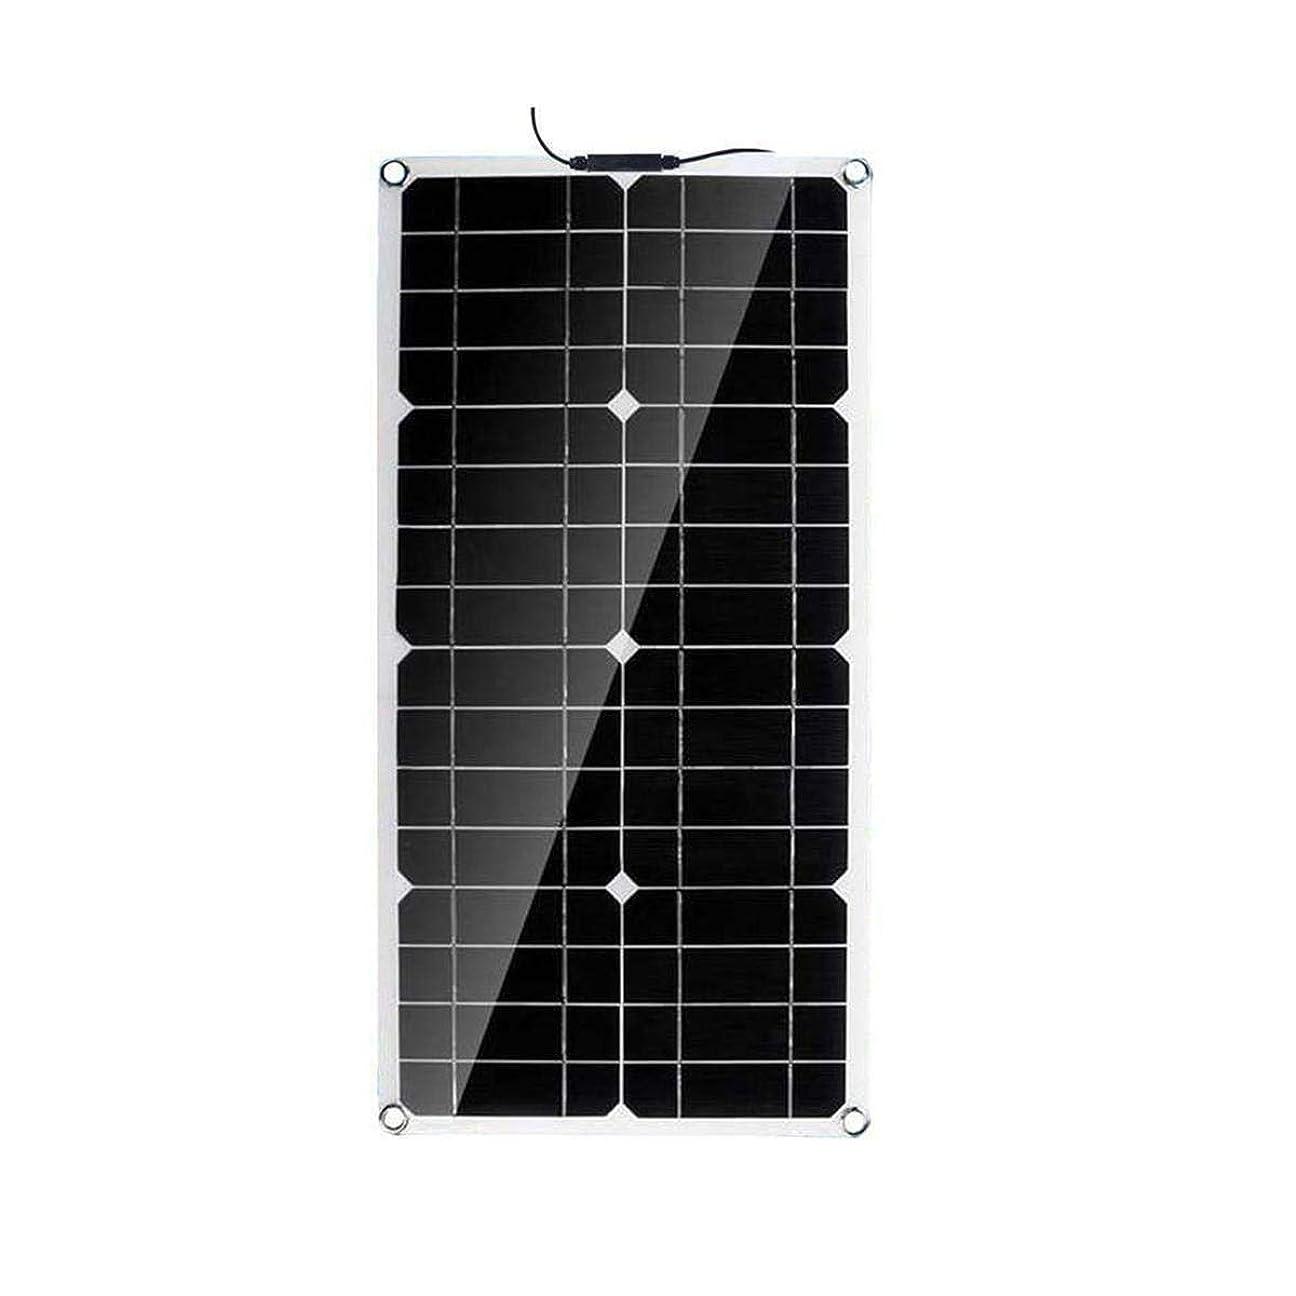 先駆者和付添人ソーラーパネル 40Wソーラーパネル30Aソーラー充電コントローラ太陽光発電パネルMC4ラインケーブル 太陽光発電システム (Color : Black, Size : 40w)